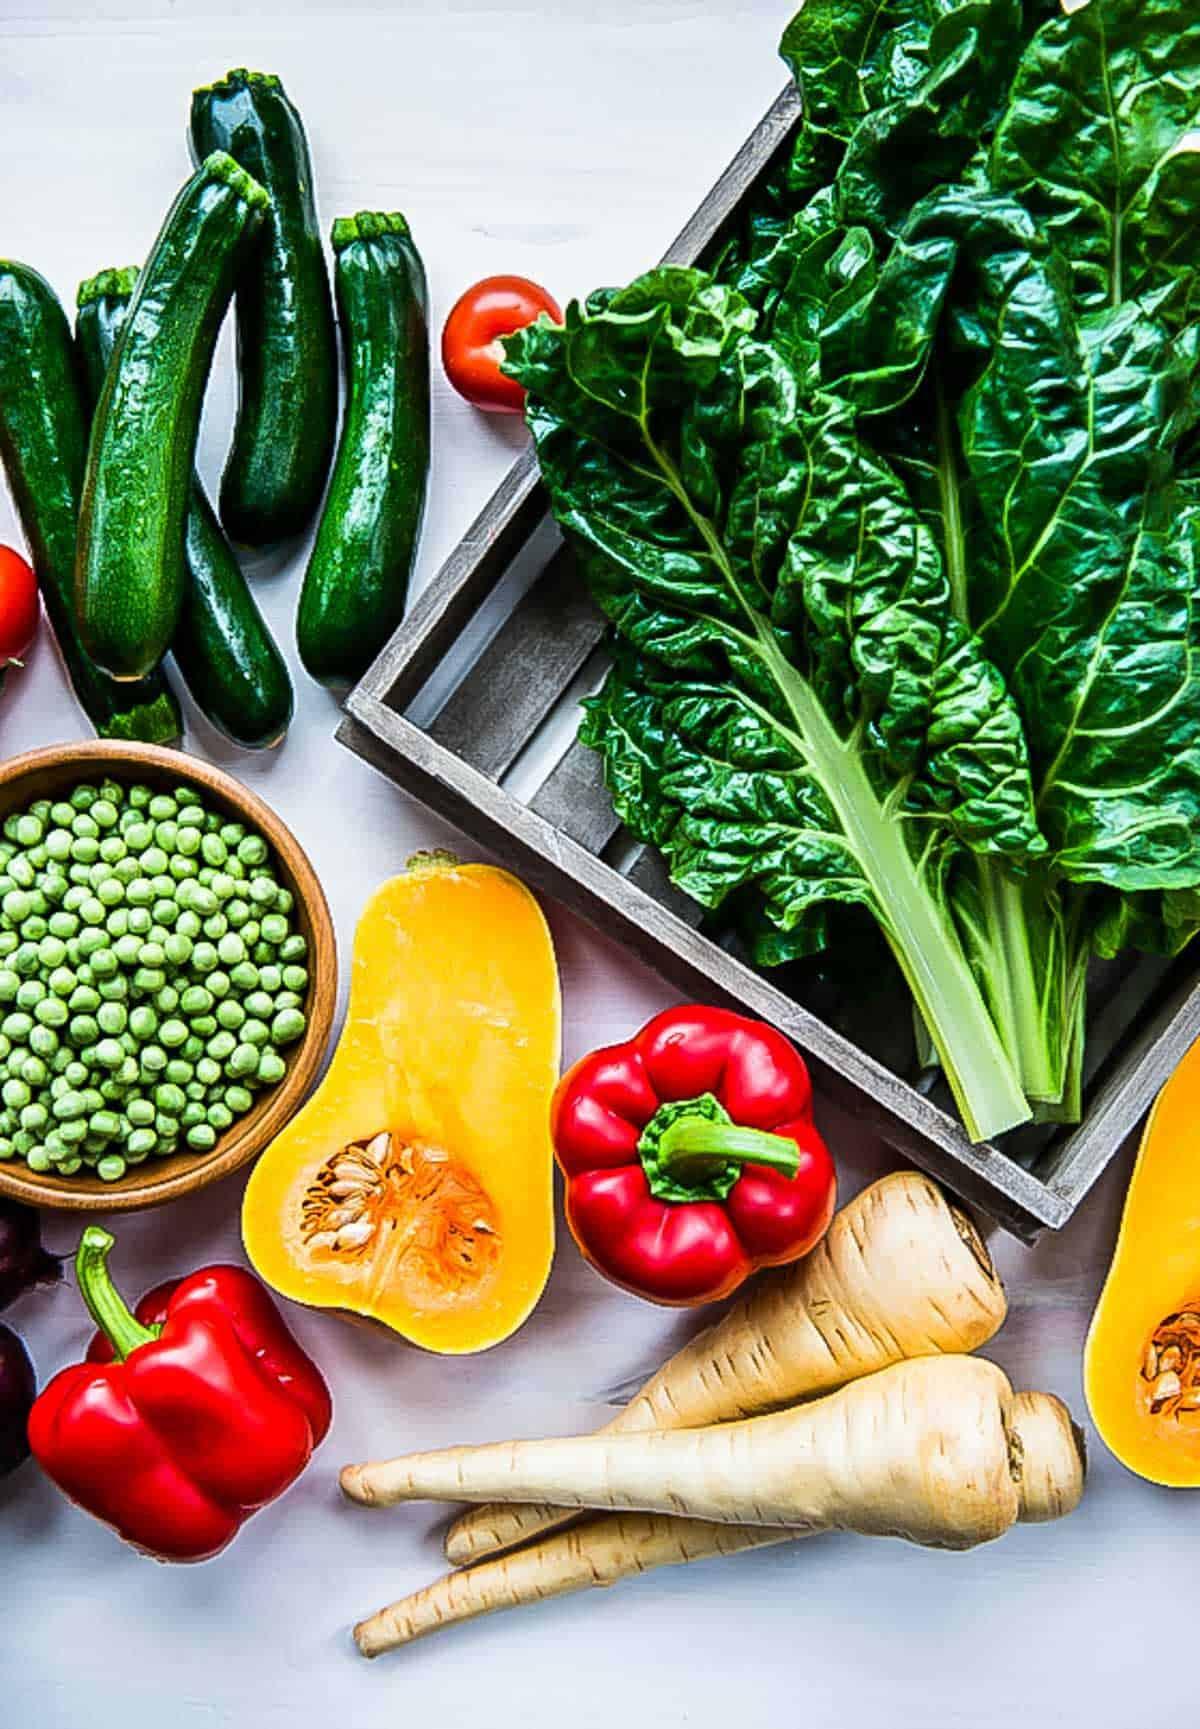 winter fresh veggies